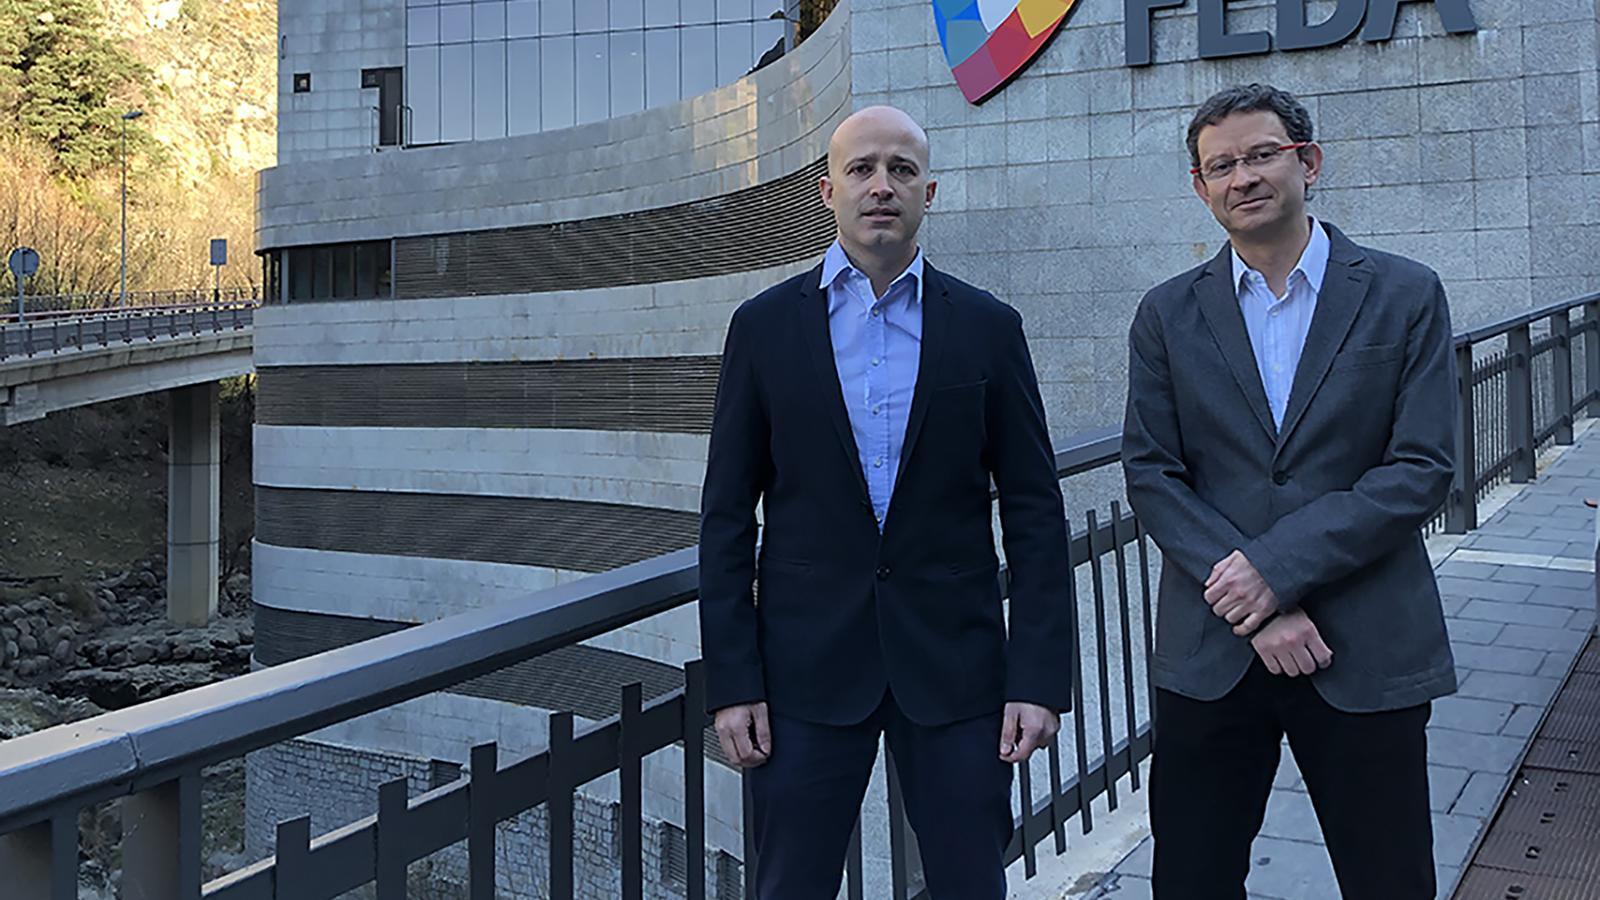 Els gerents de les societats, Jordi Travé i Xavier Forné. / FEDA